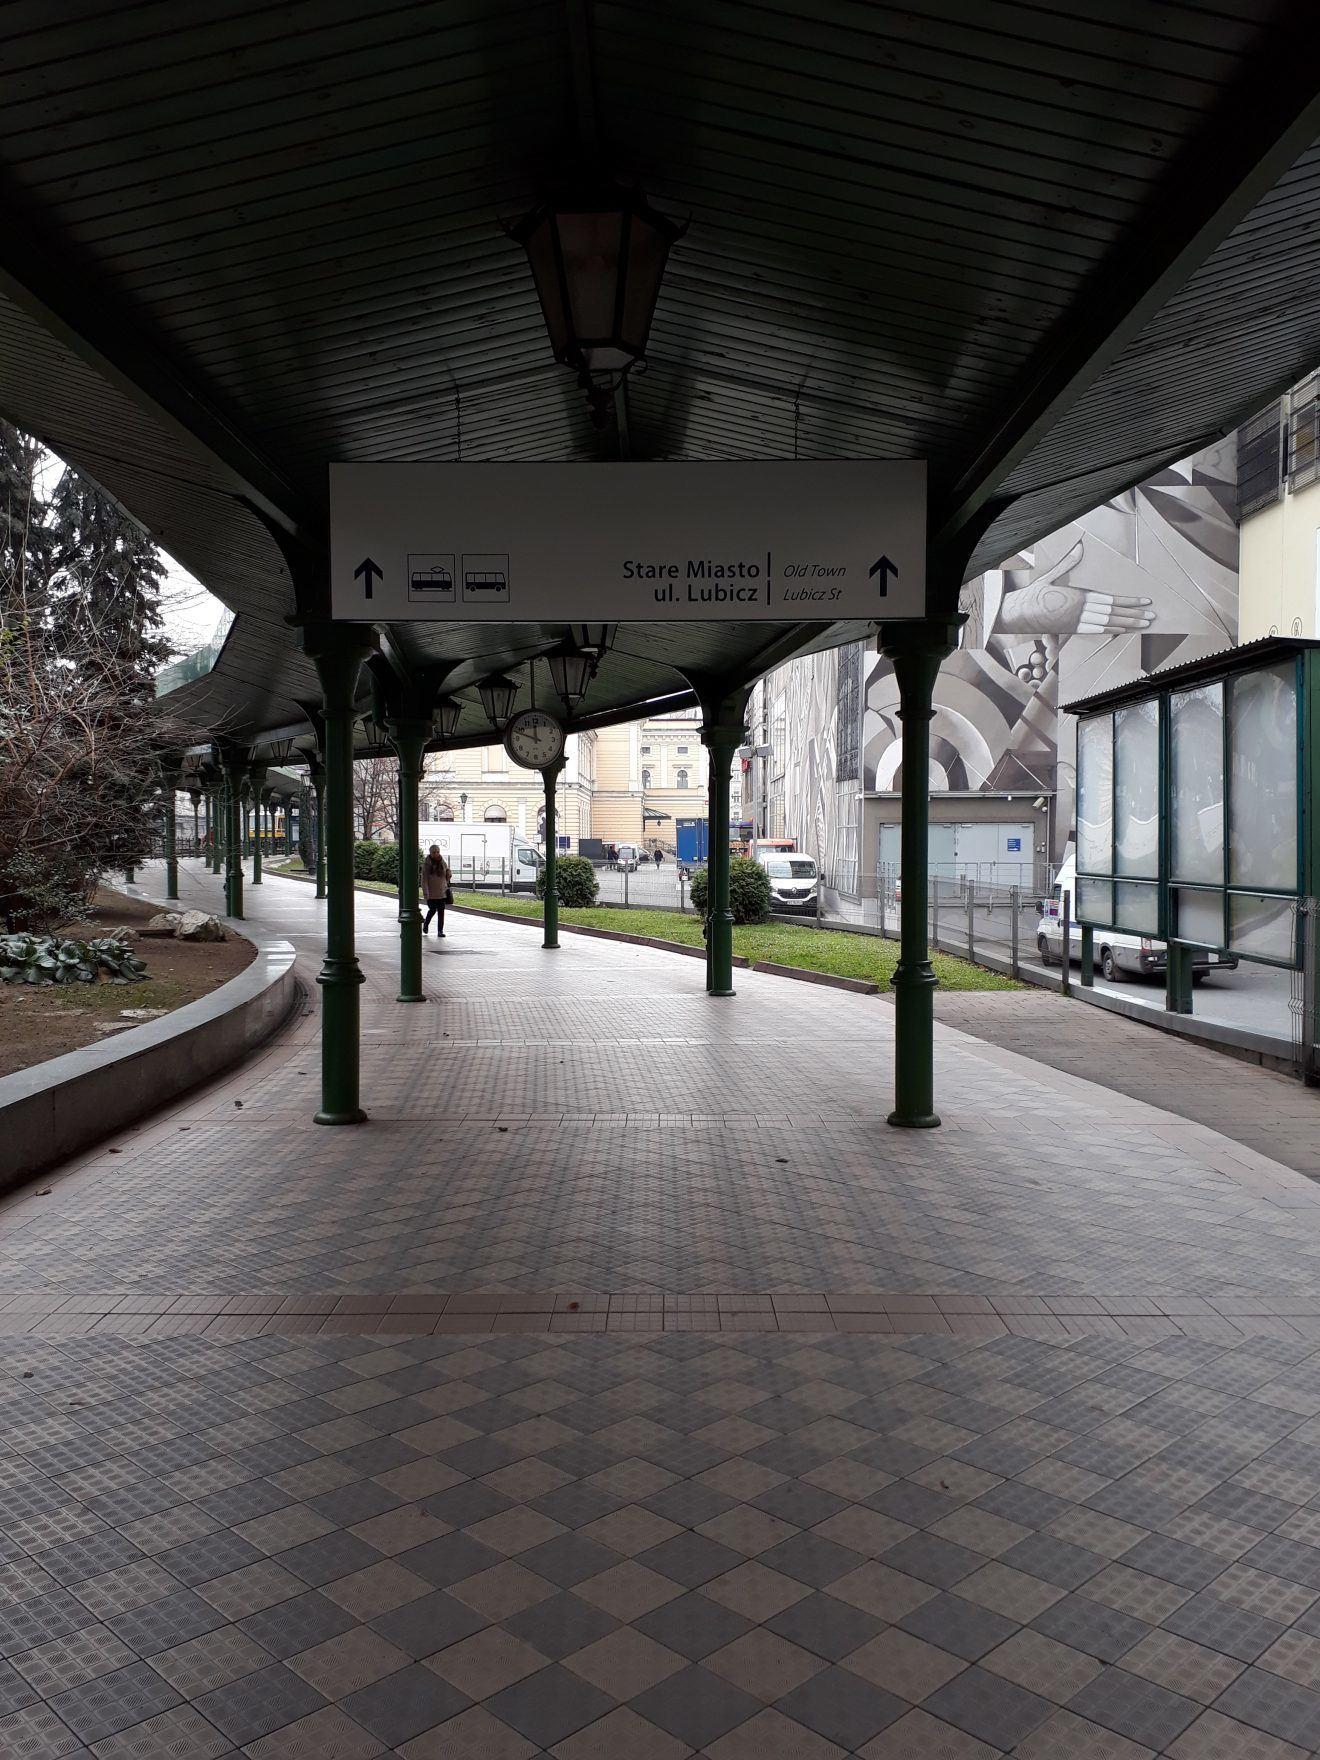 Kraków Główny exit